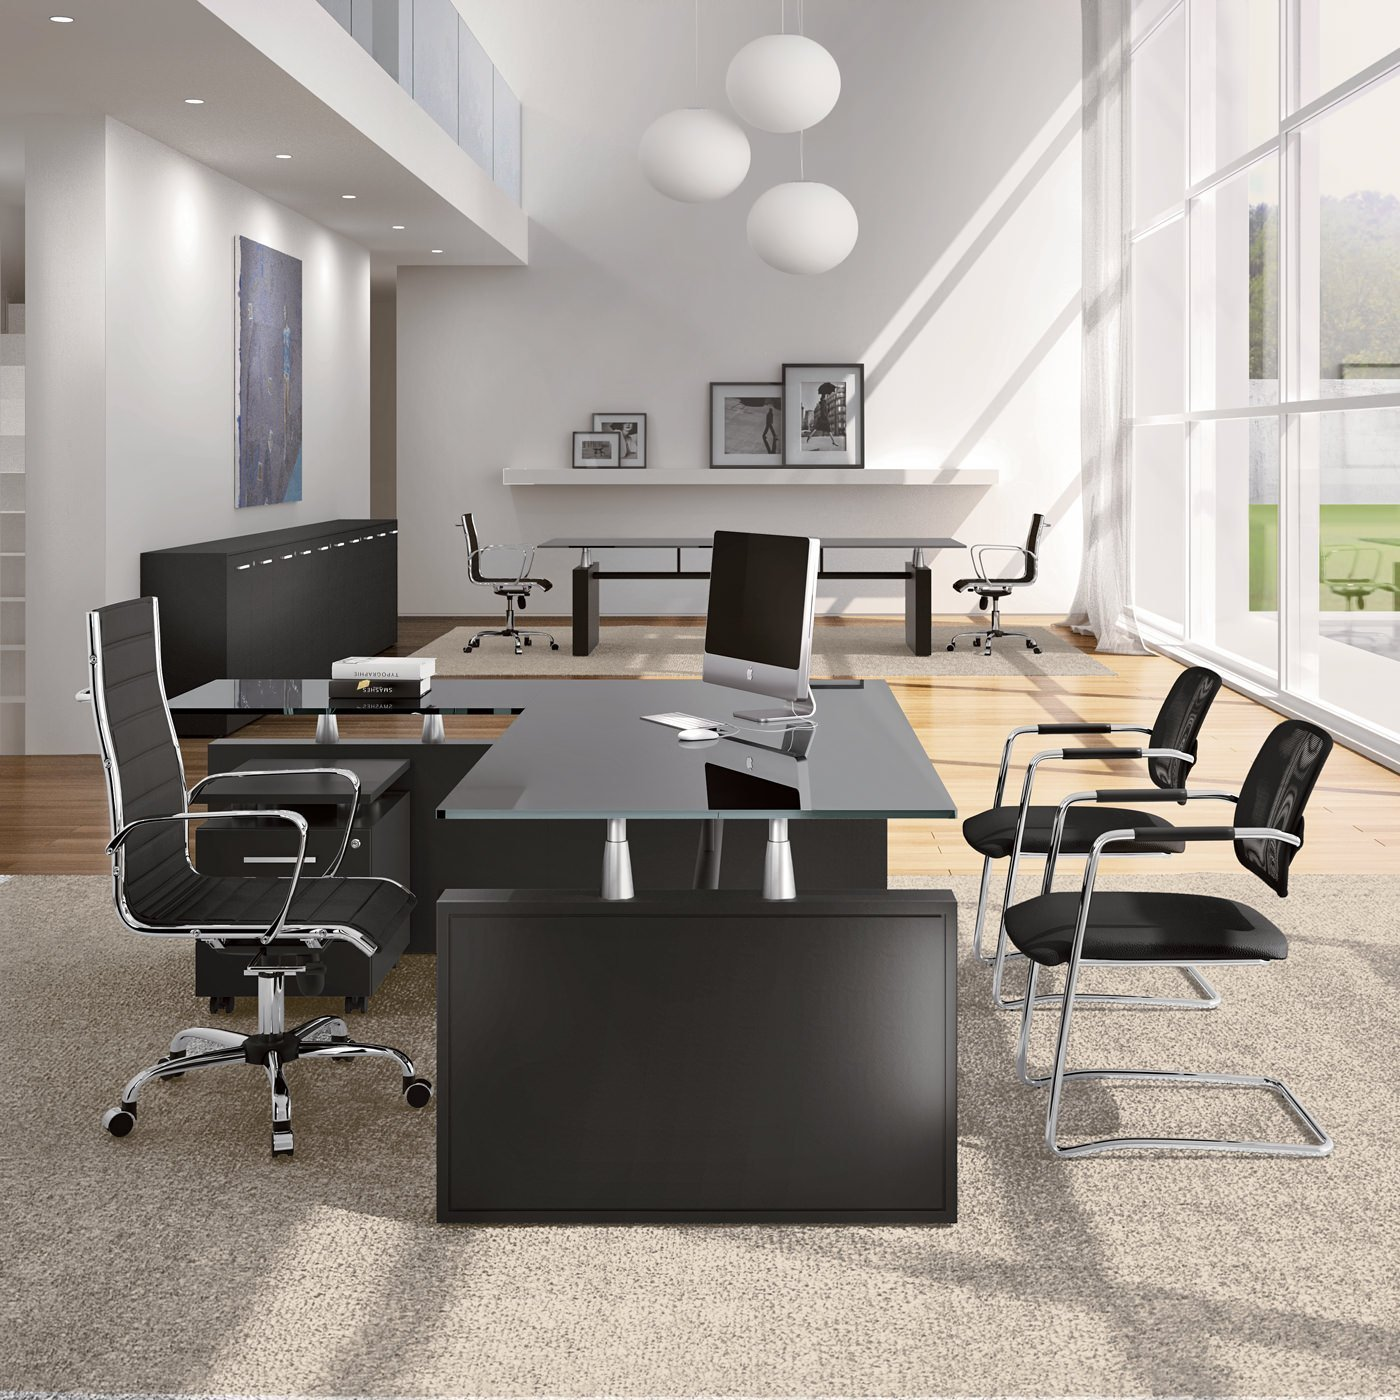 York mobili direzionali arredamento uffici for Scrivanie direzionali di design